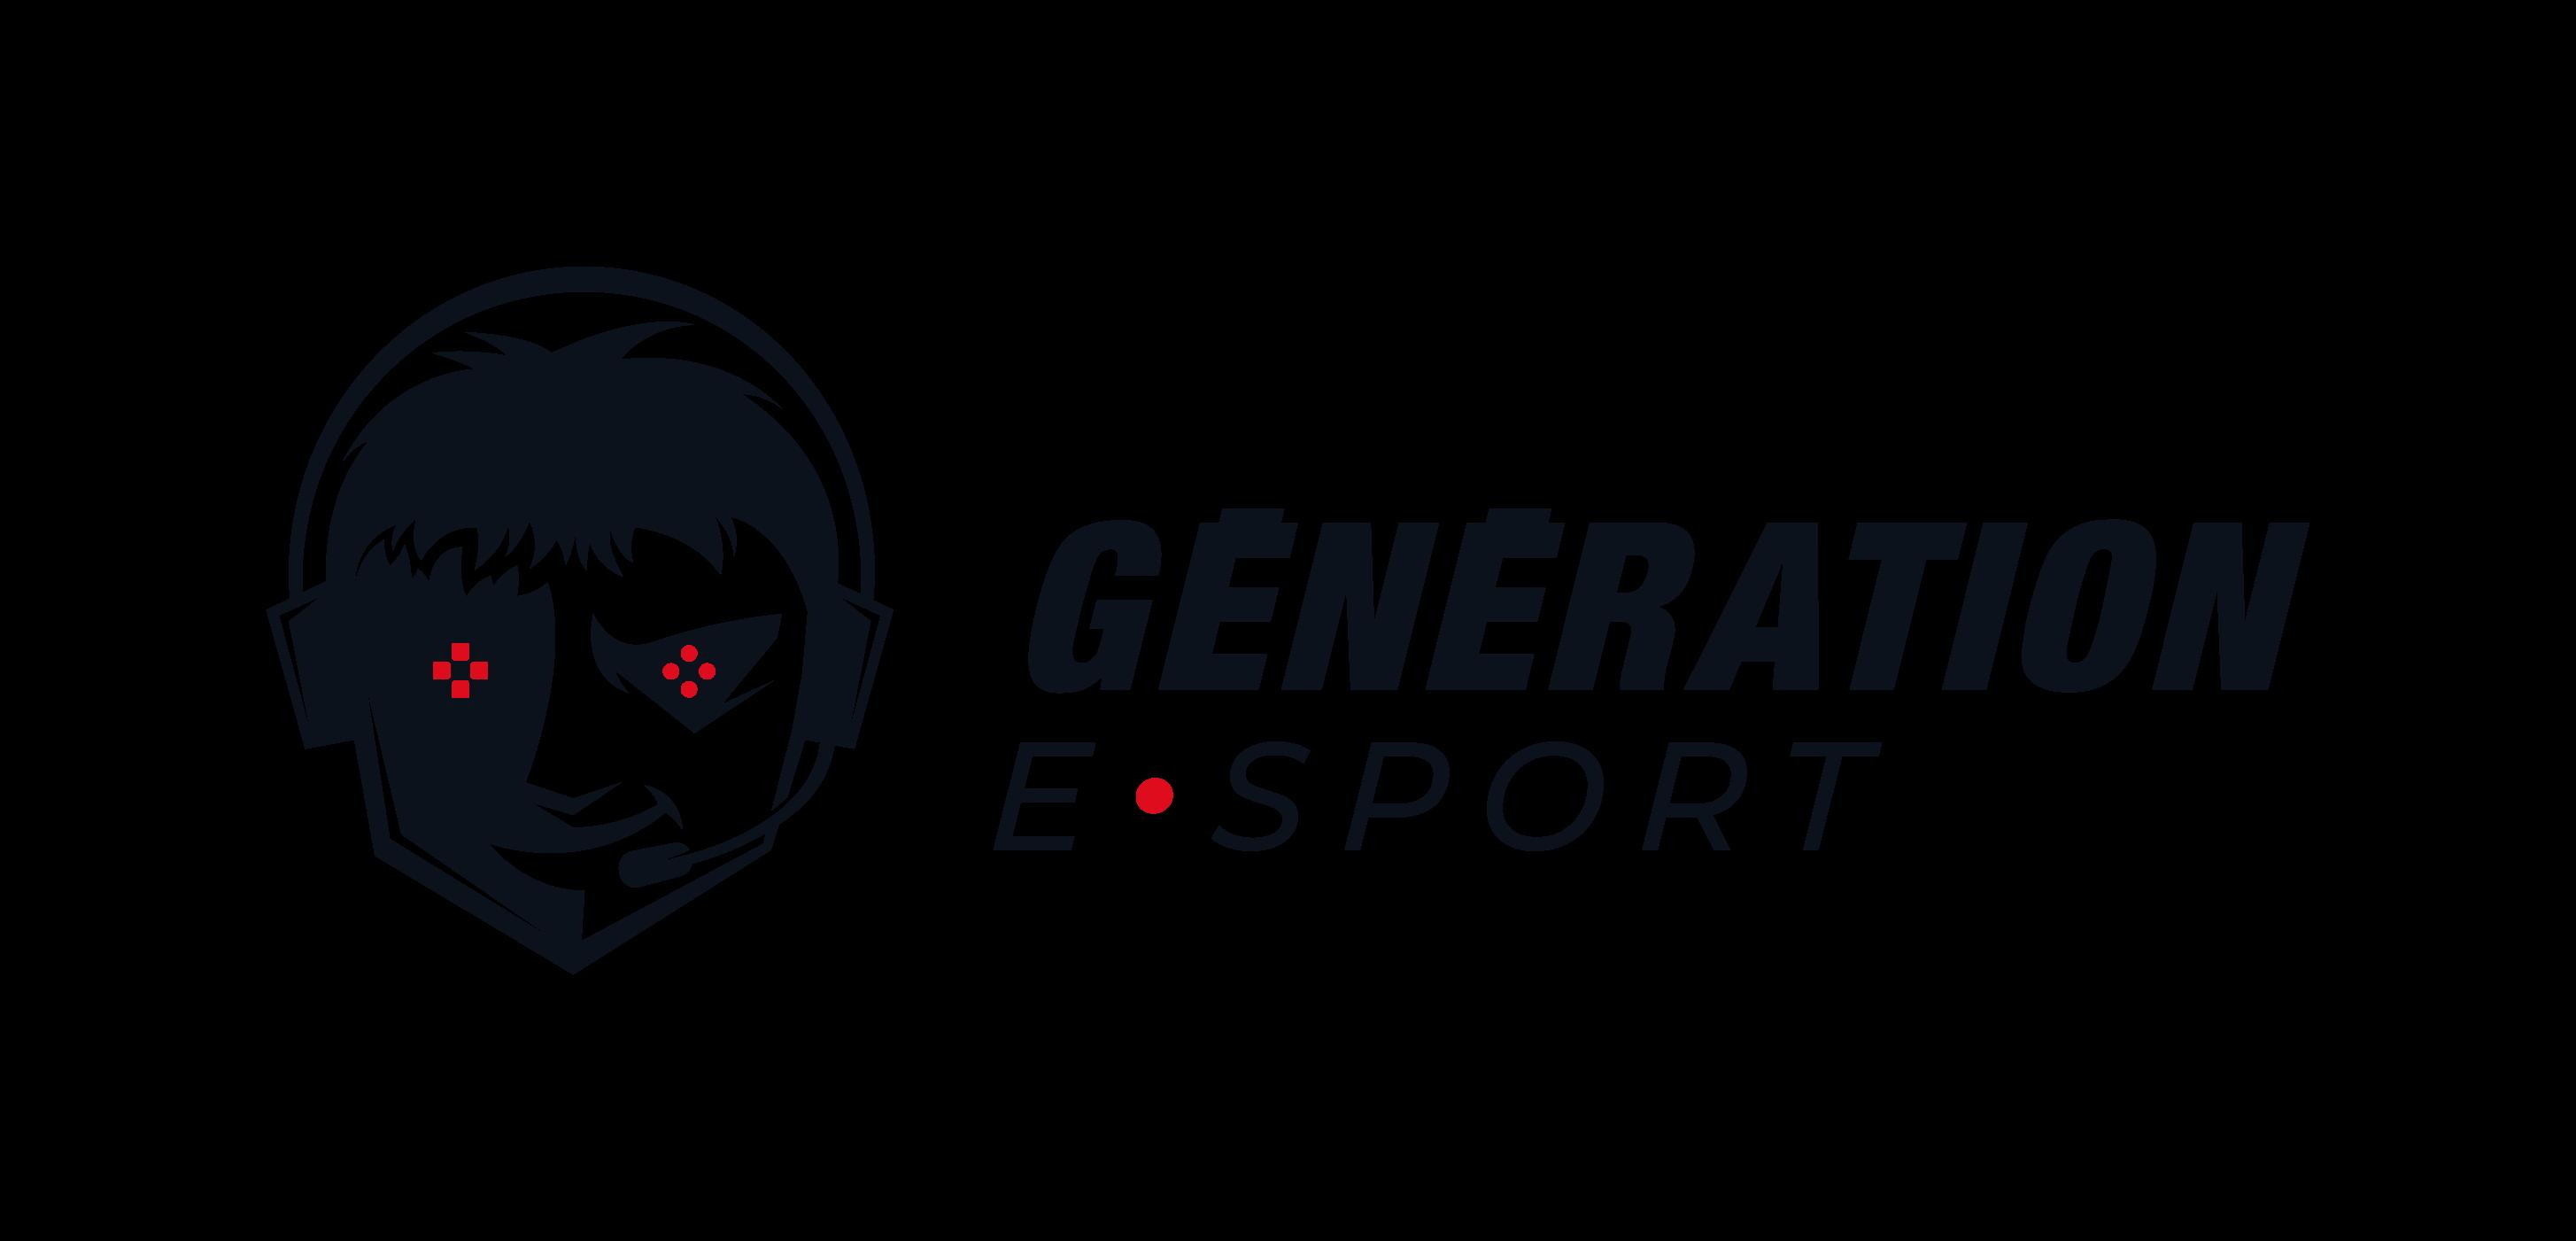 Logo de Génération Esport